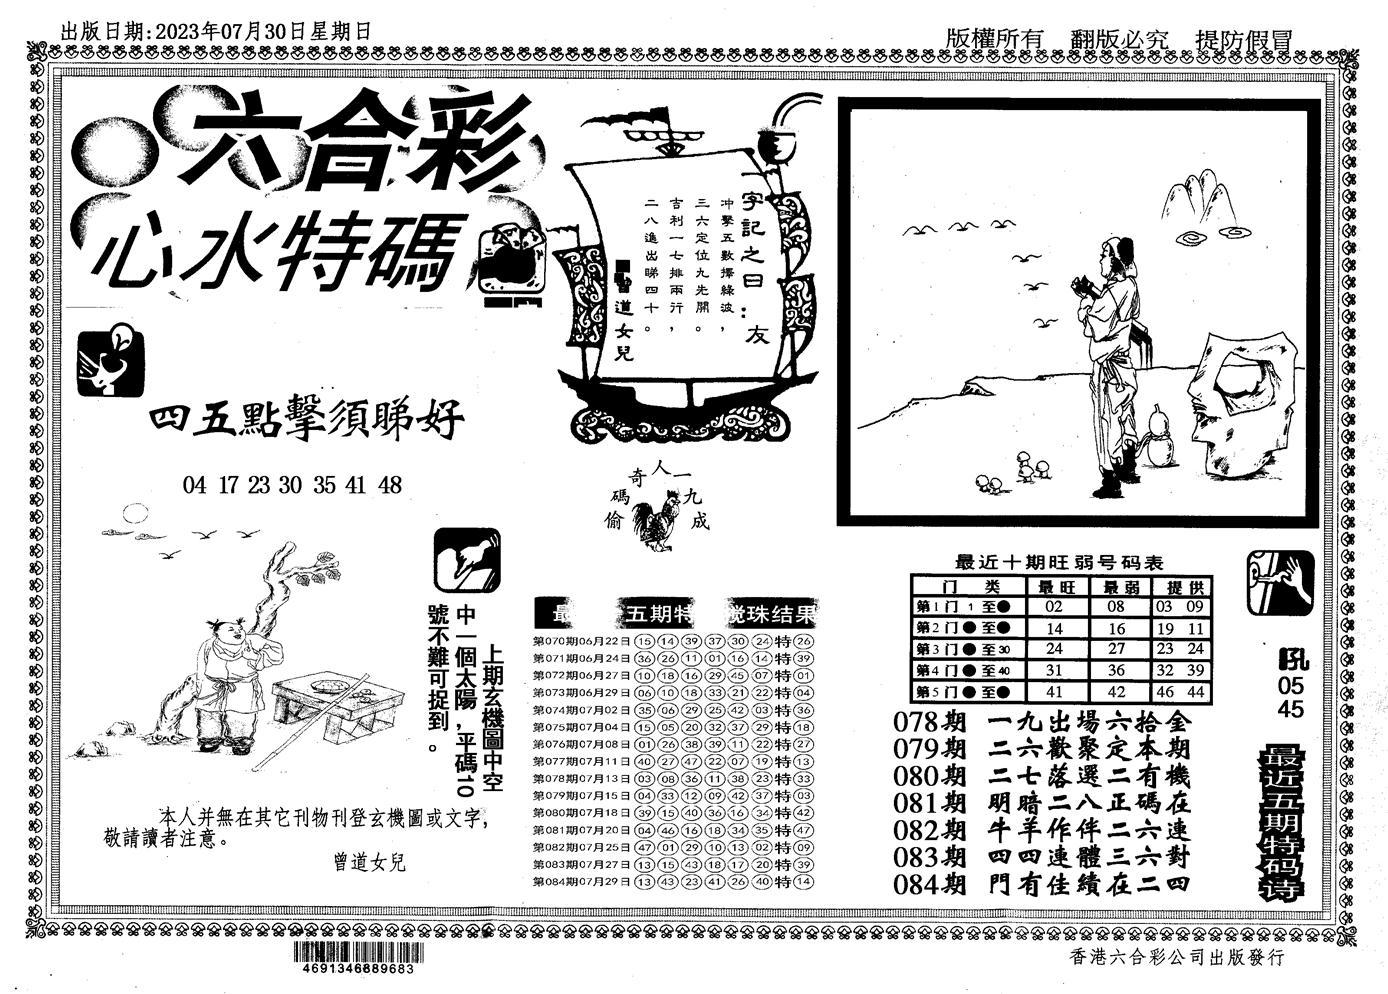 085期新特码心水(黑白)